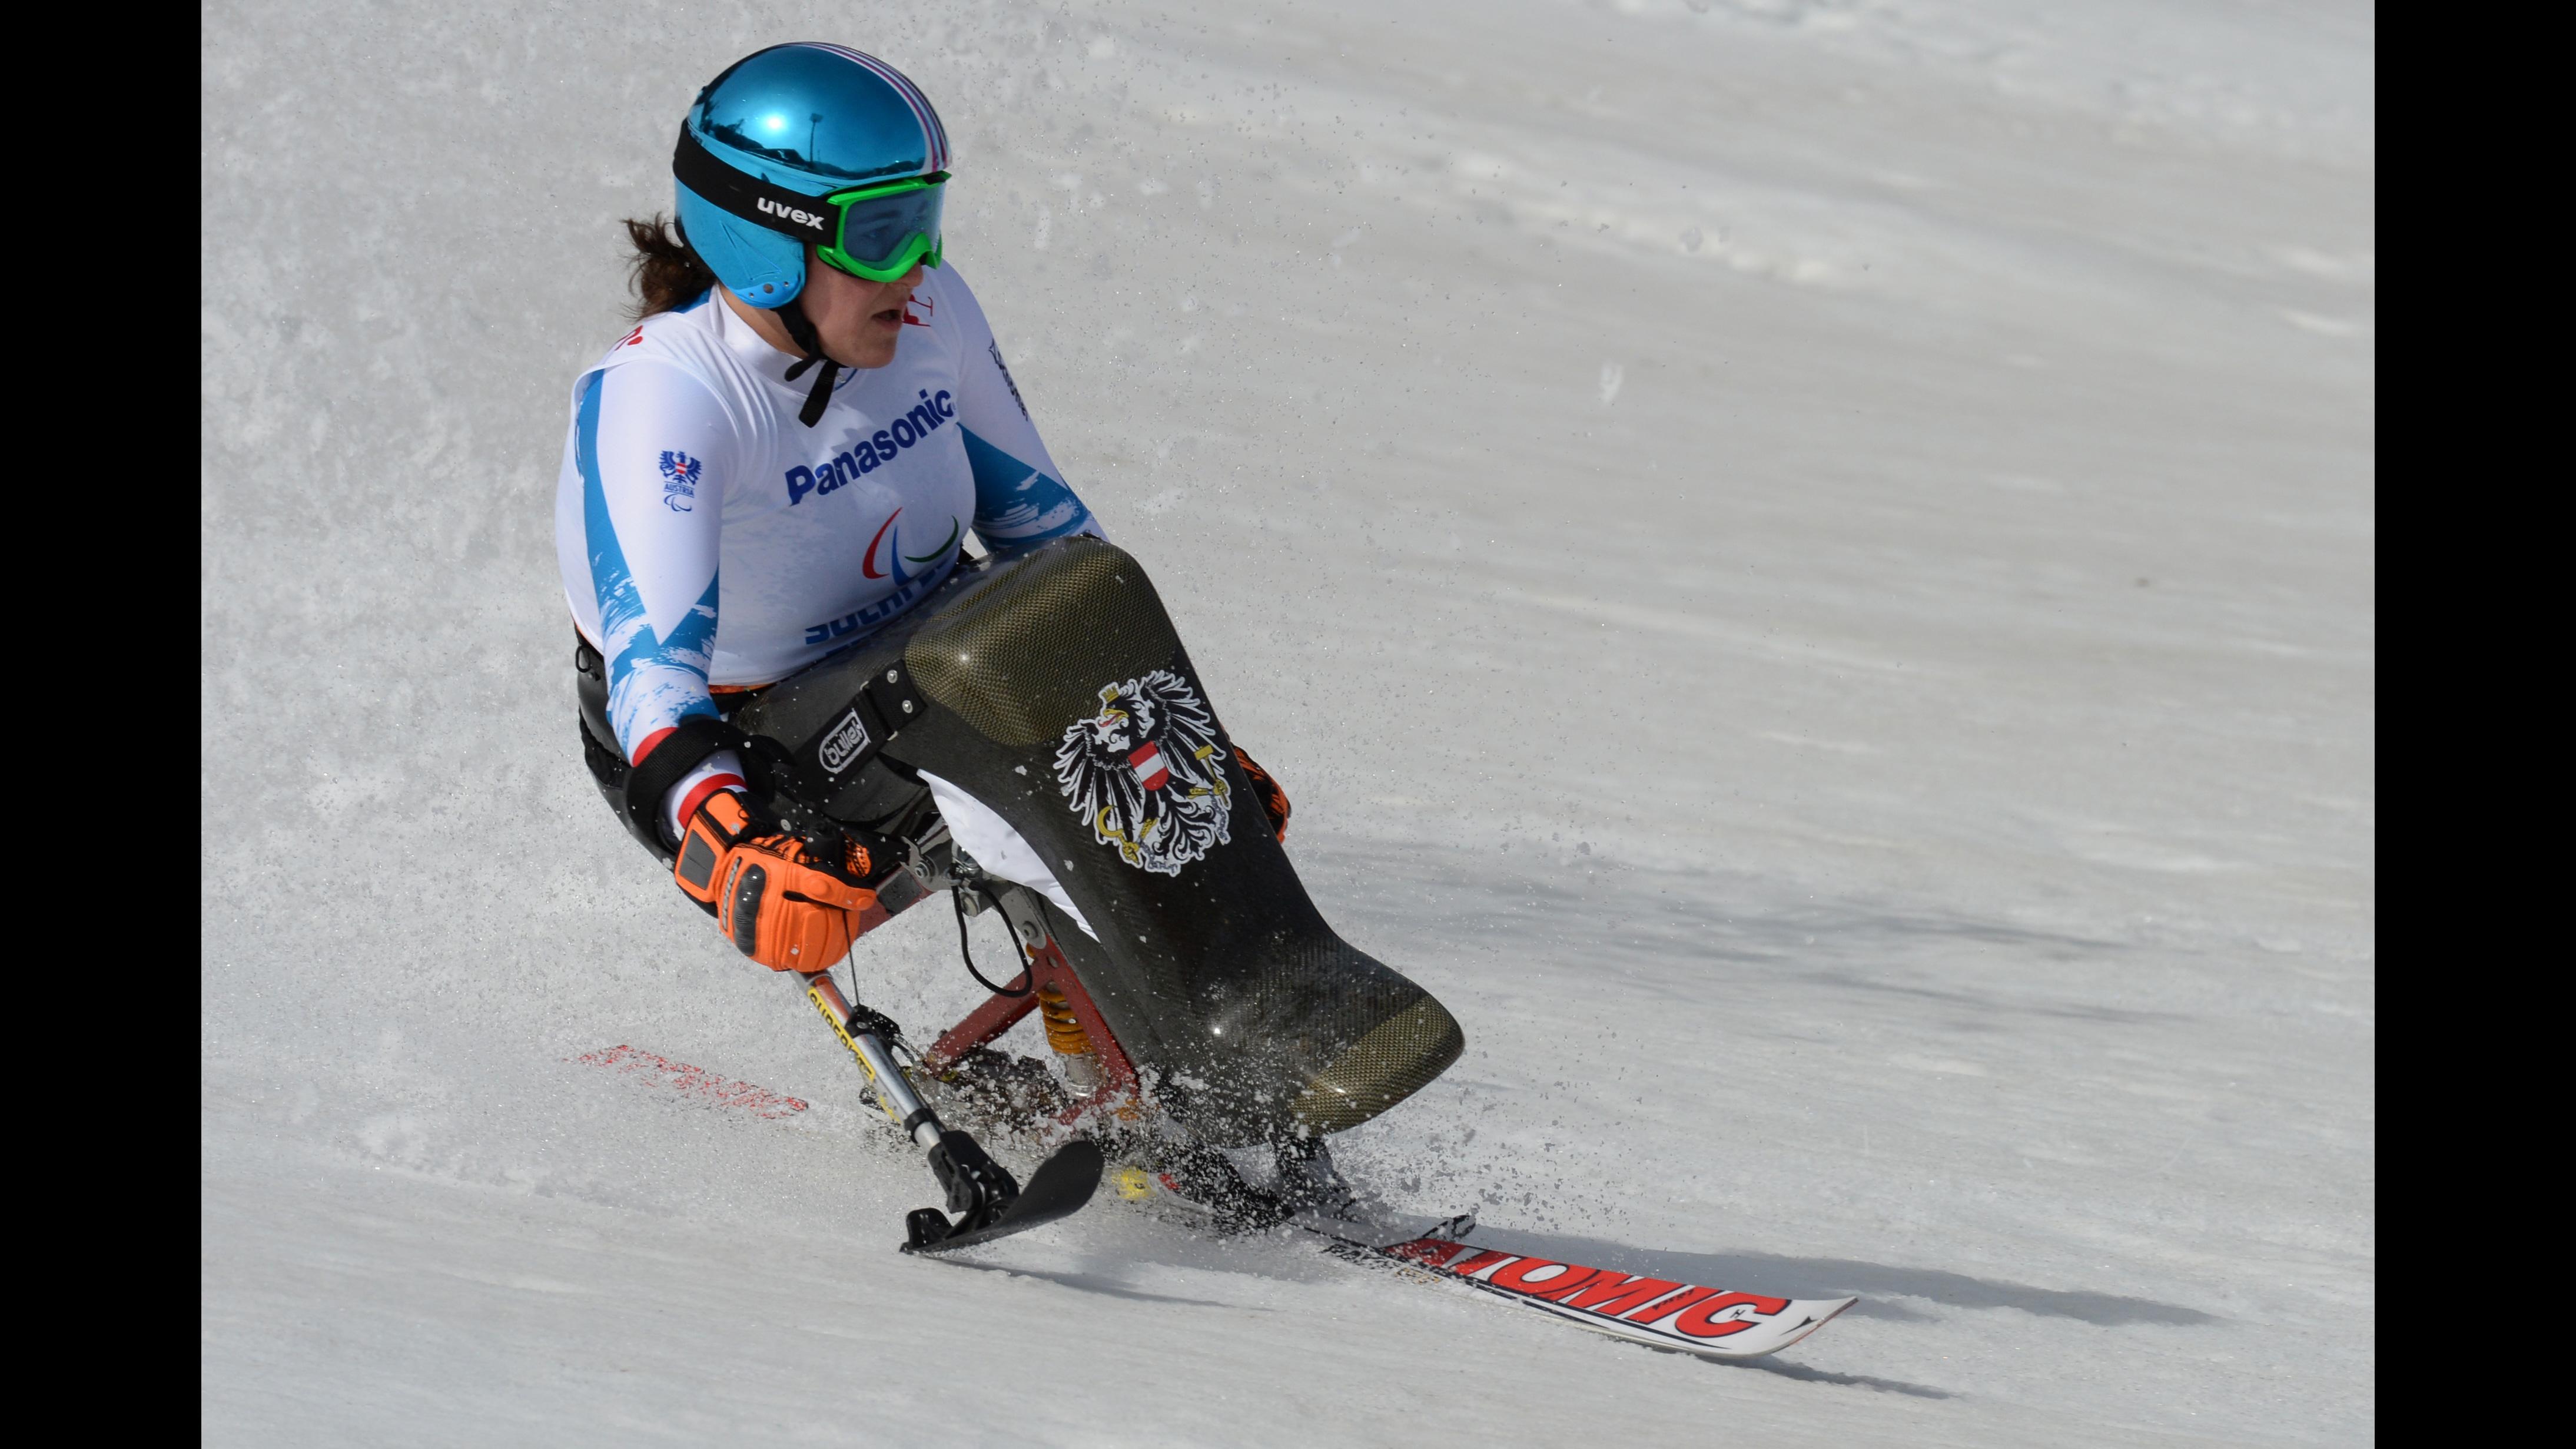 Alpine G 10 Alpine Austria X